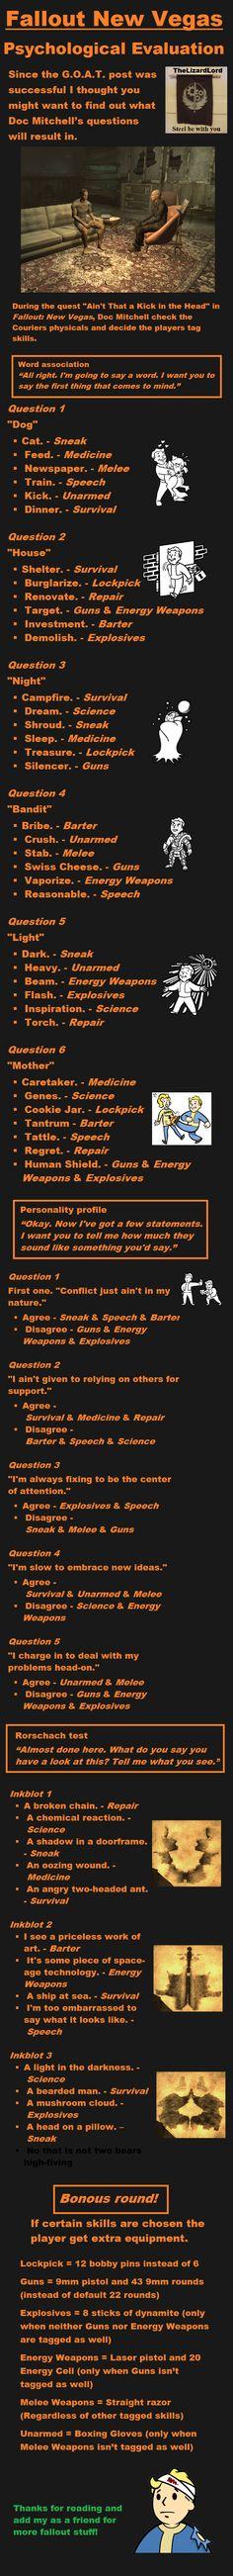 Psychological Evaluation